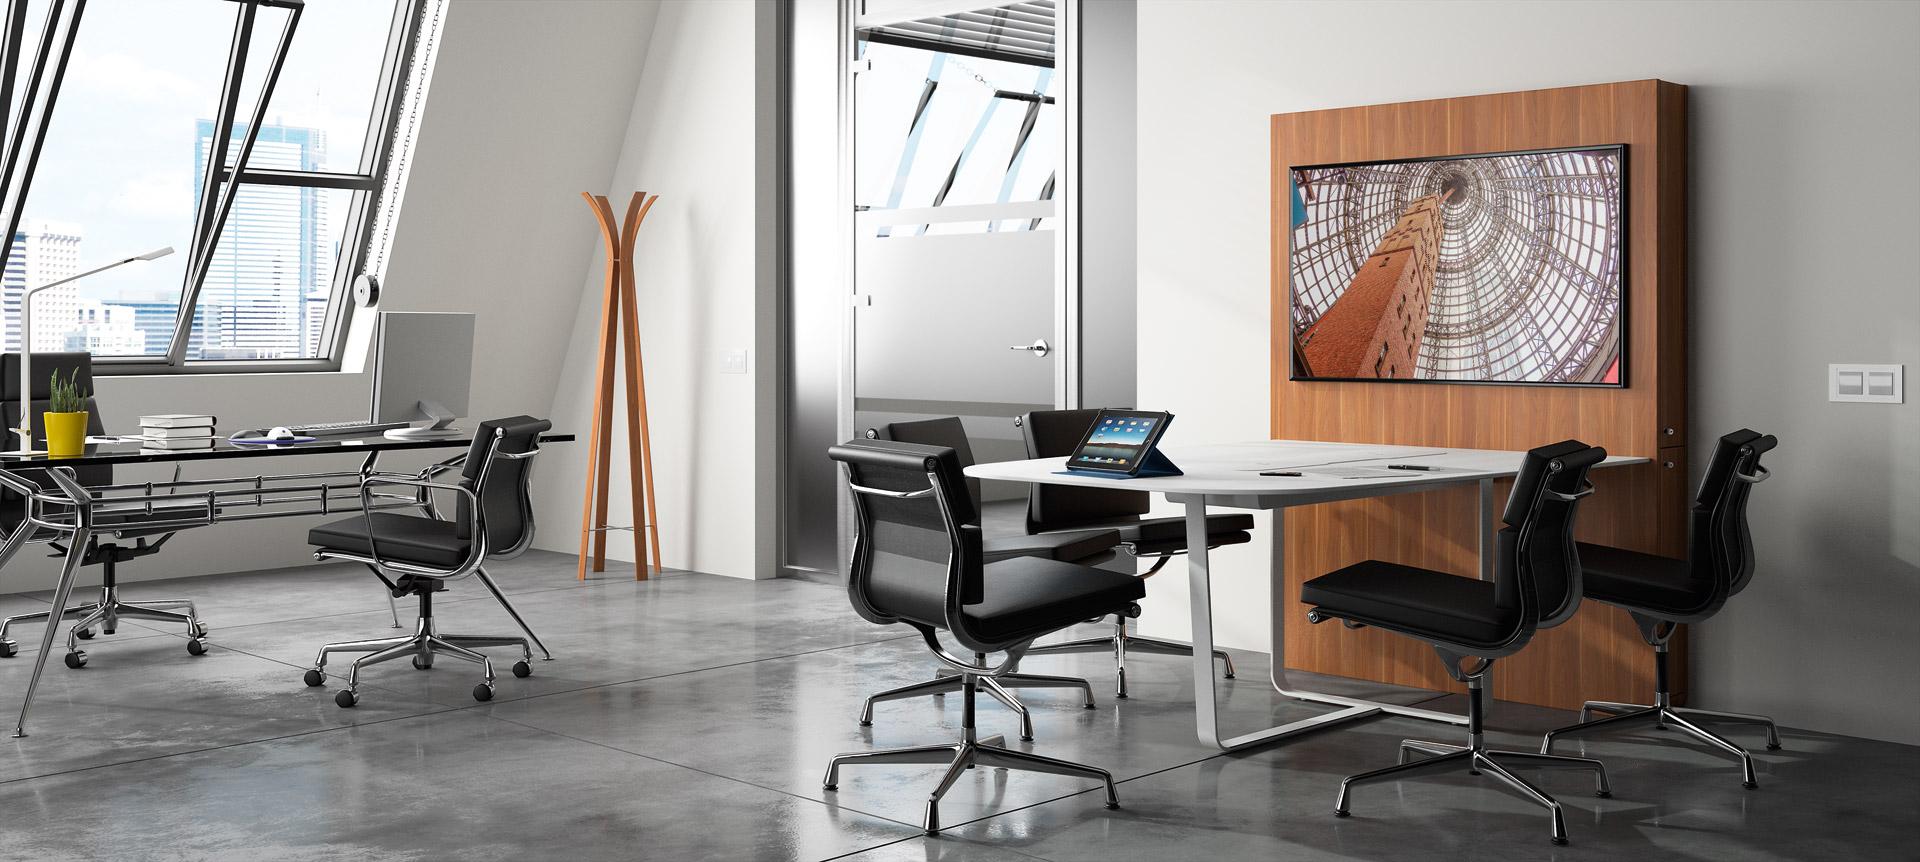 WEMEET SHARE FIXED - Table de réunion multimédia pour réunion, formation, co-working